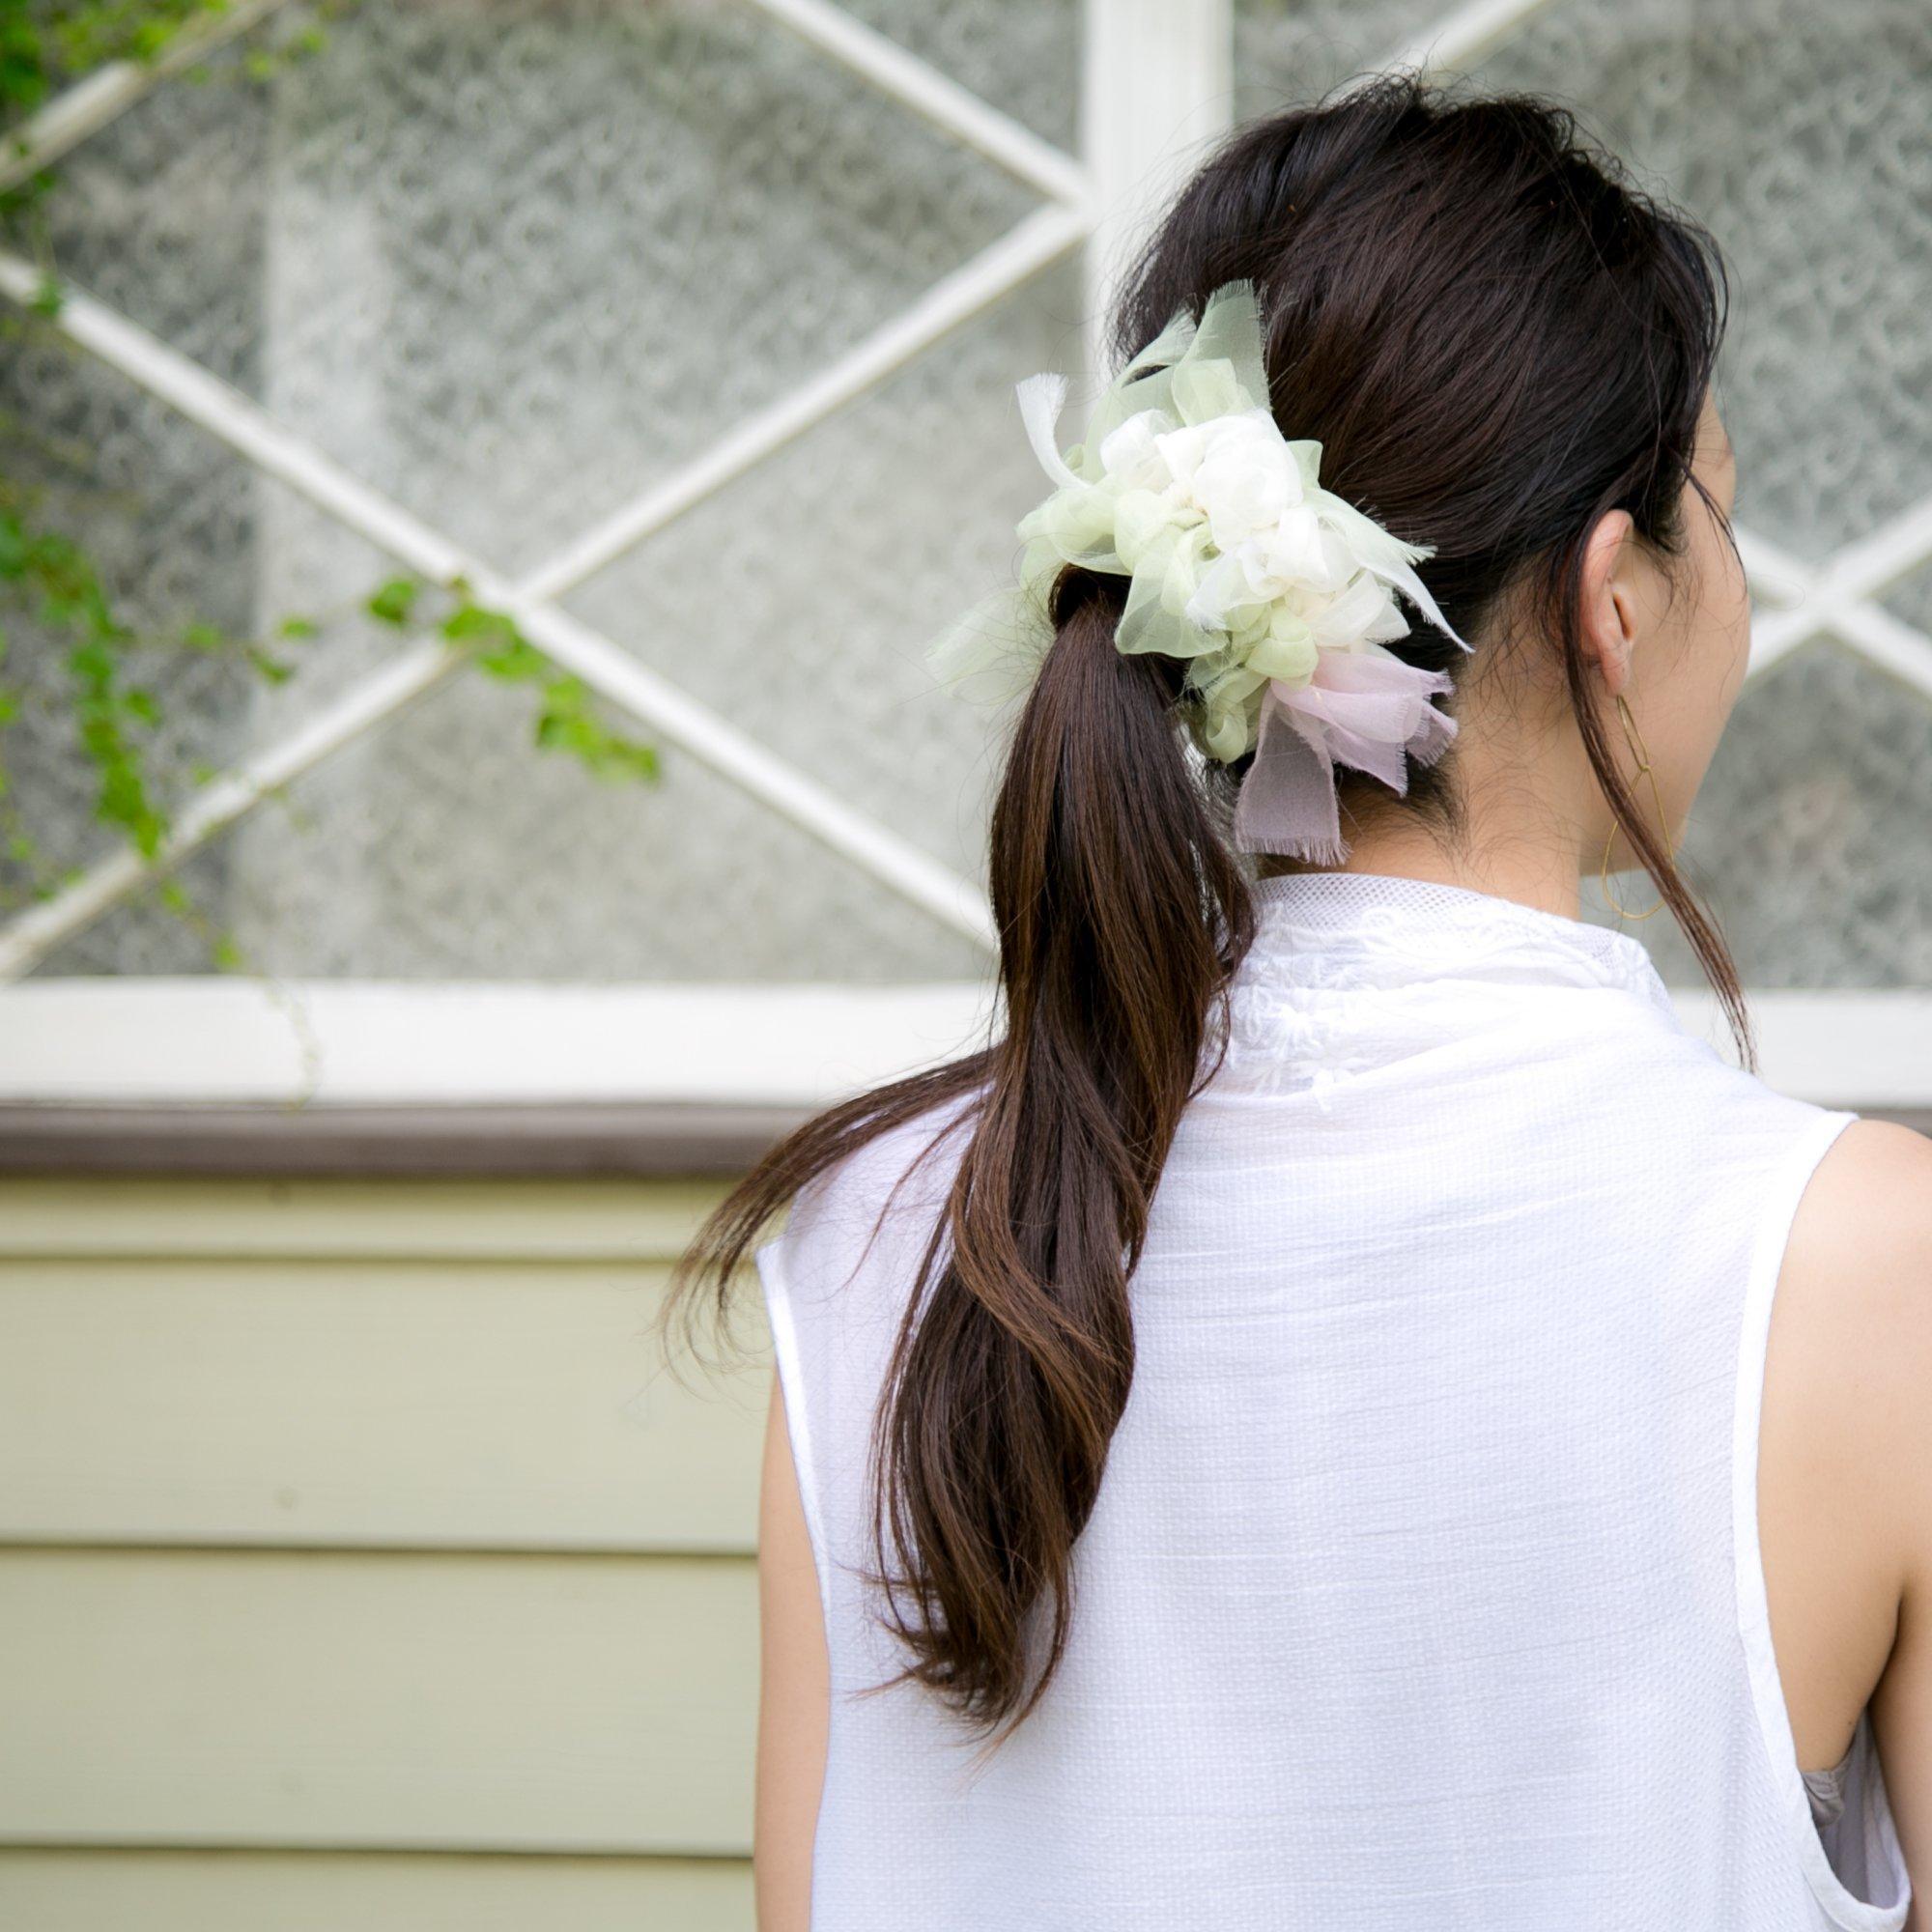 オオデマリ~彩る咲き編みシュシュ